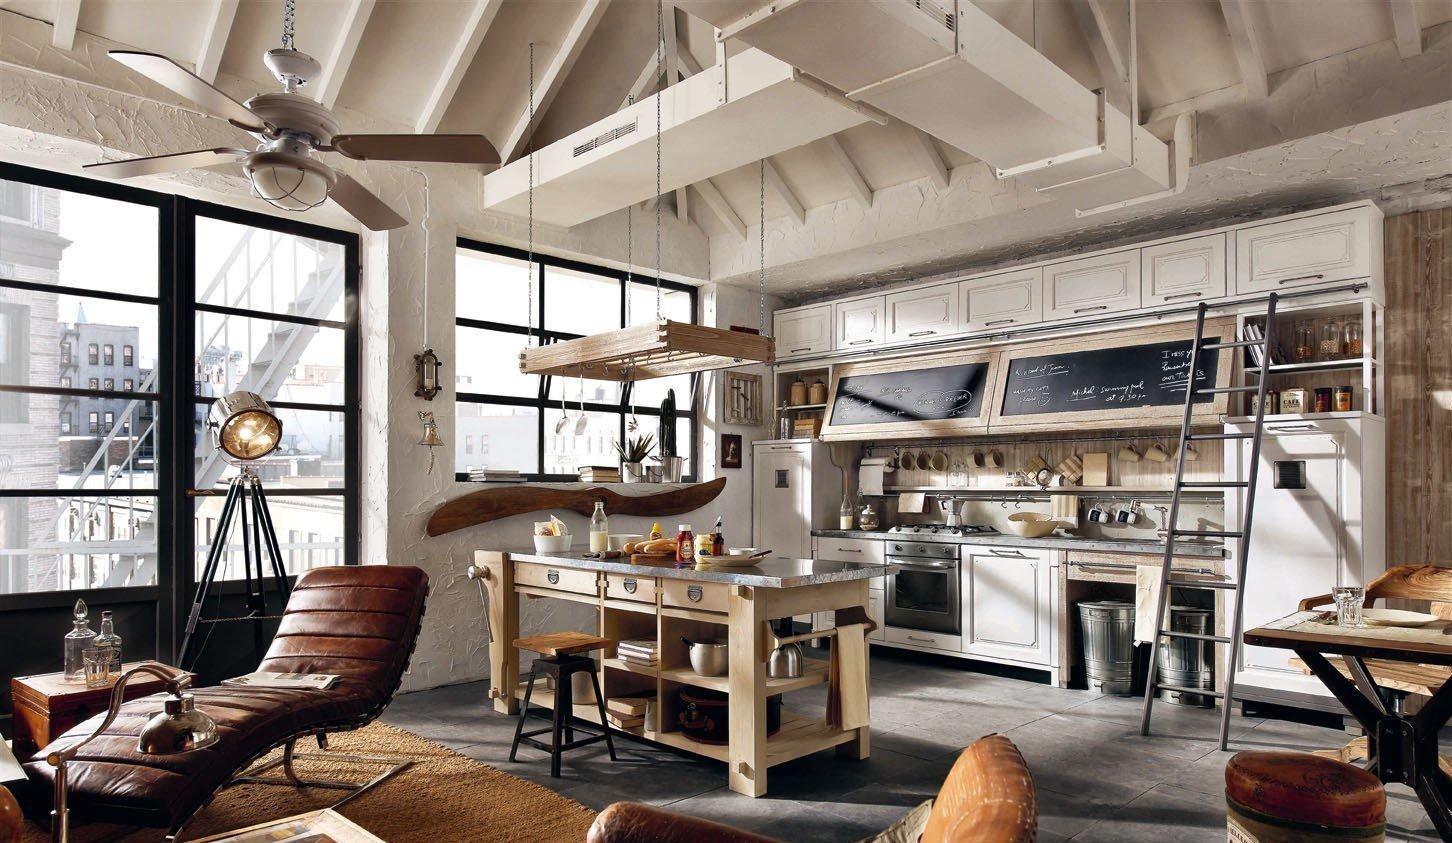 industrialnyj stil v interere 2 - Как оформить интерьер в индустриальном стиле: 5 советов